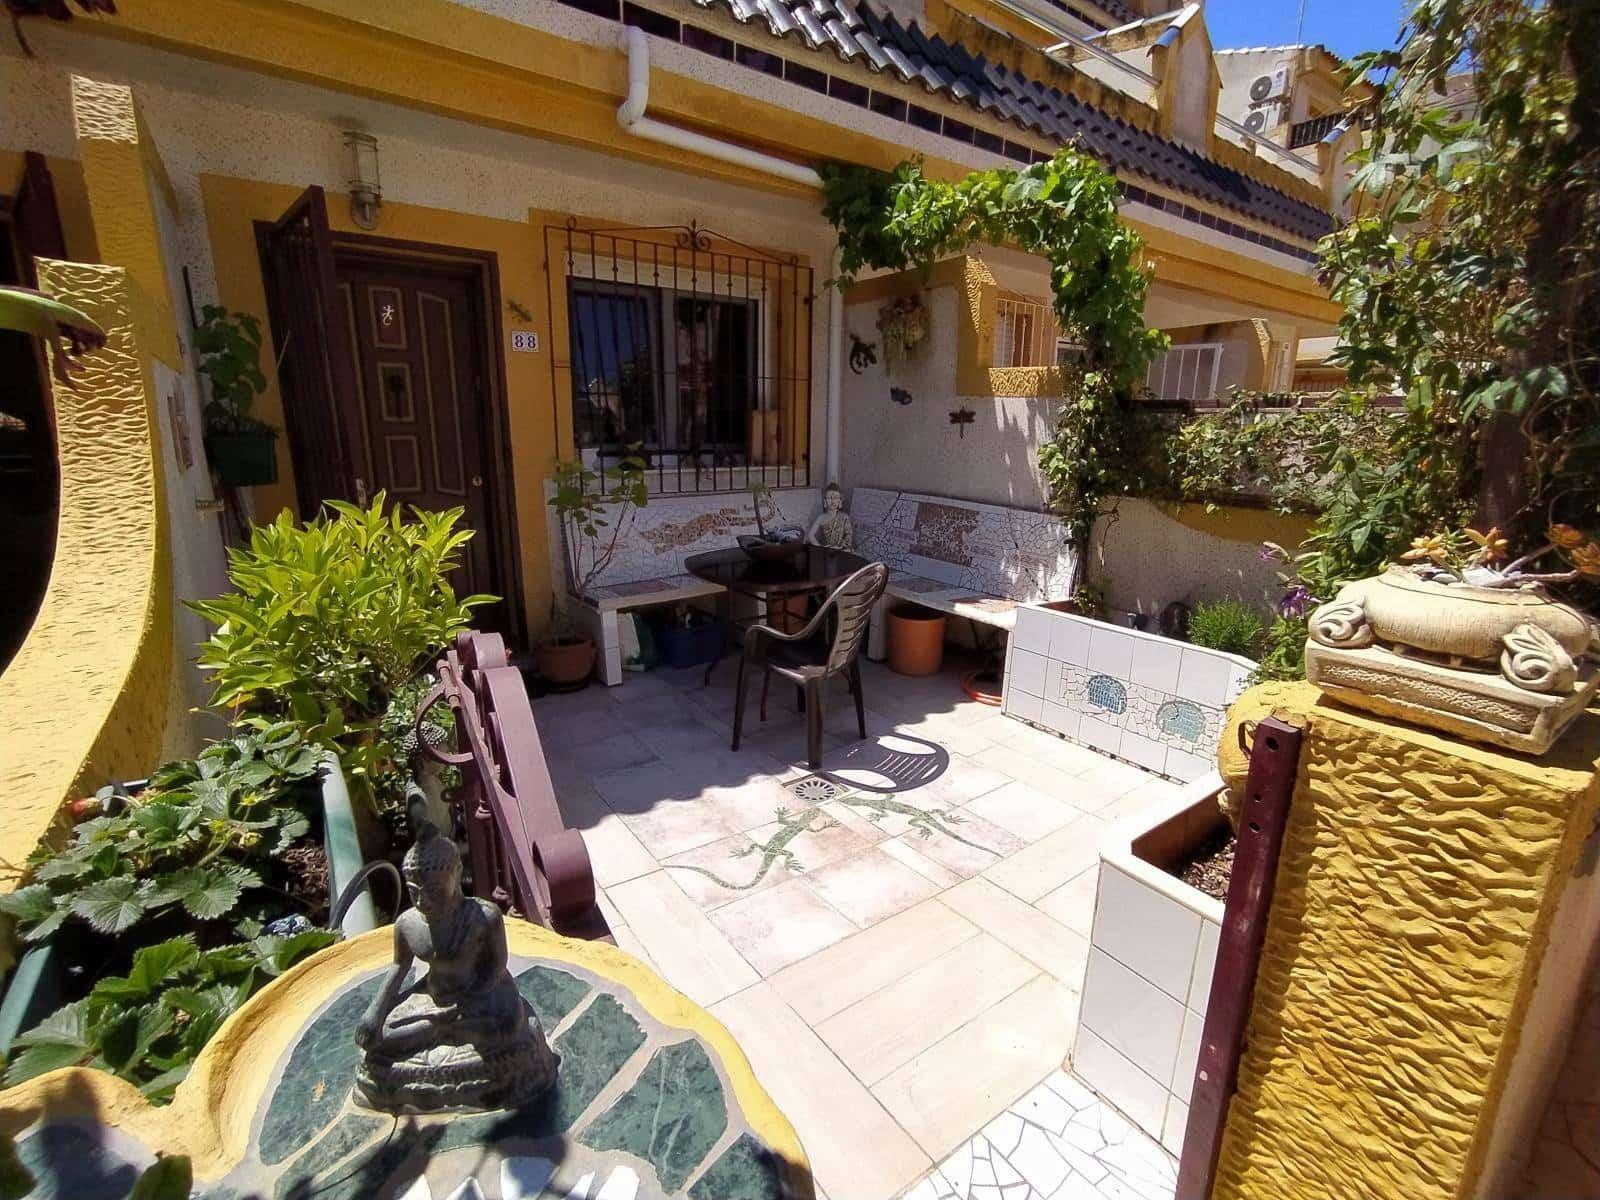 3 makuuhuone Asunto myytävänä paikassa Orihuela mukana uima-altaan - 117 600 € (Ref: 6092166)